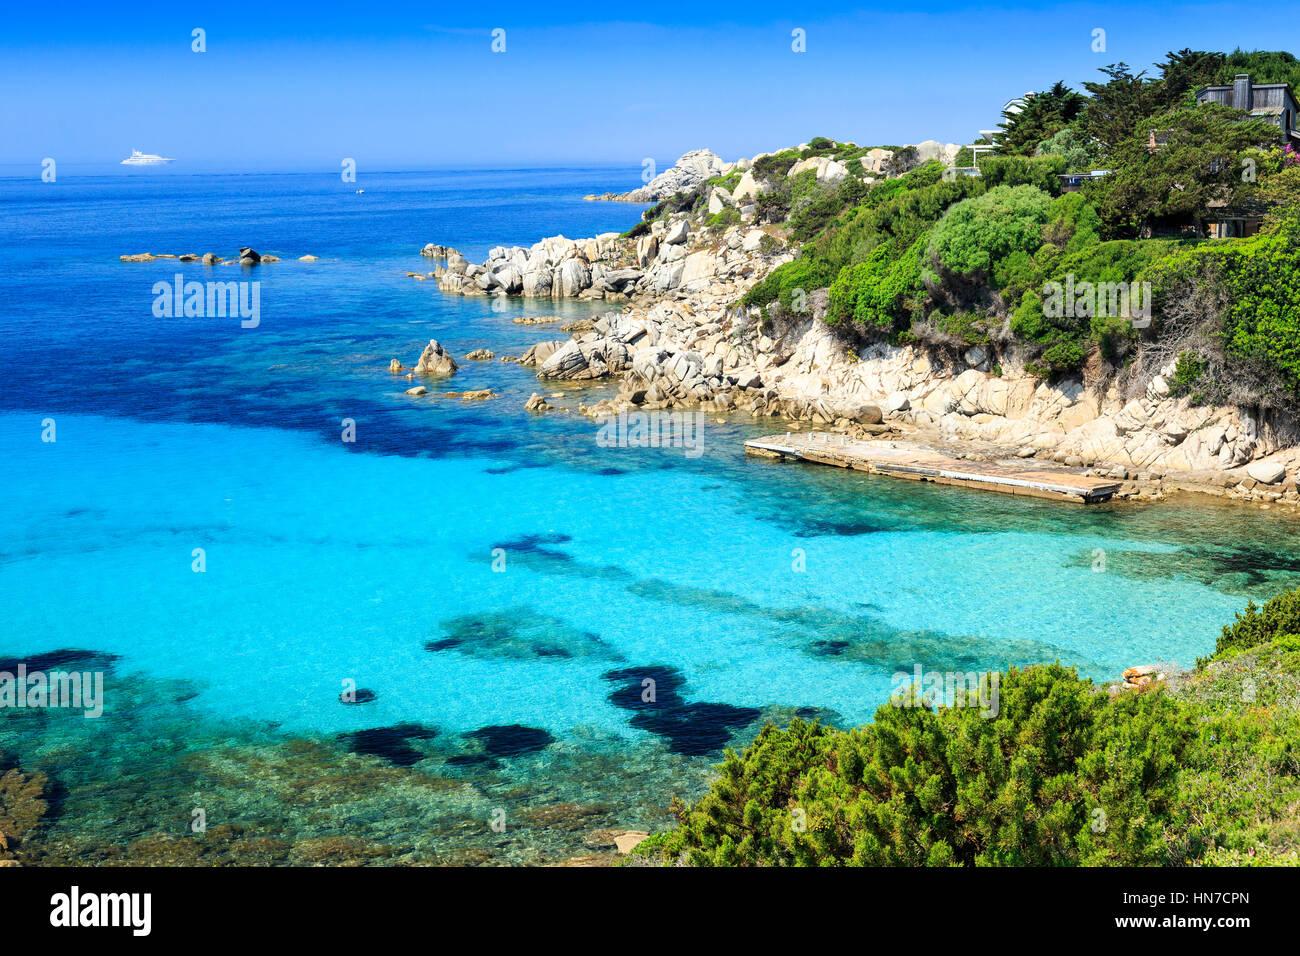 L'eau claire et la plage de Sperone, Corse, France Photo Stock